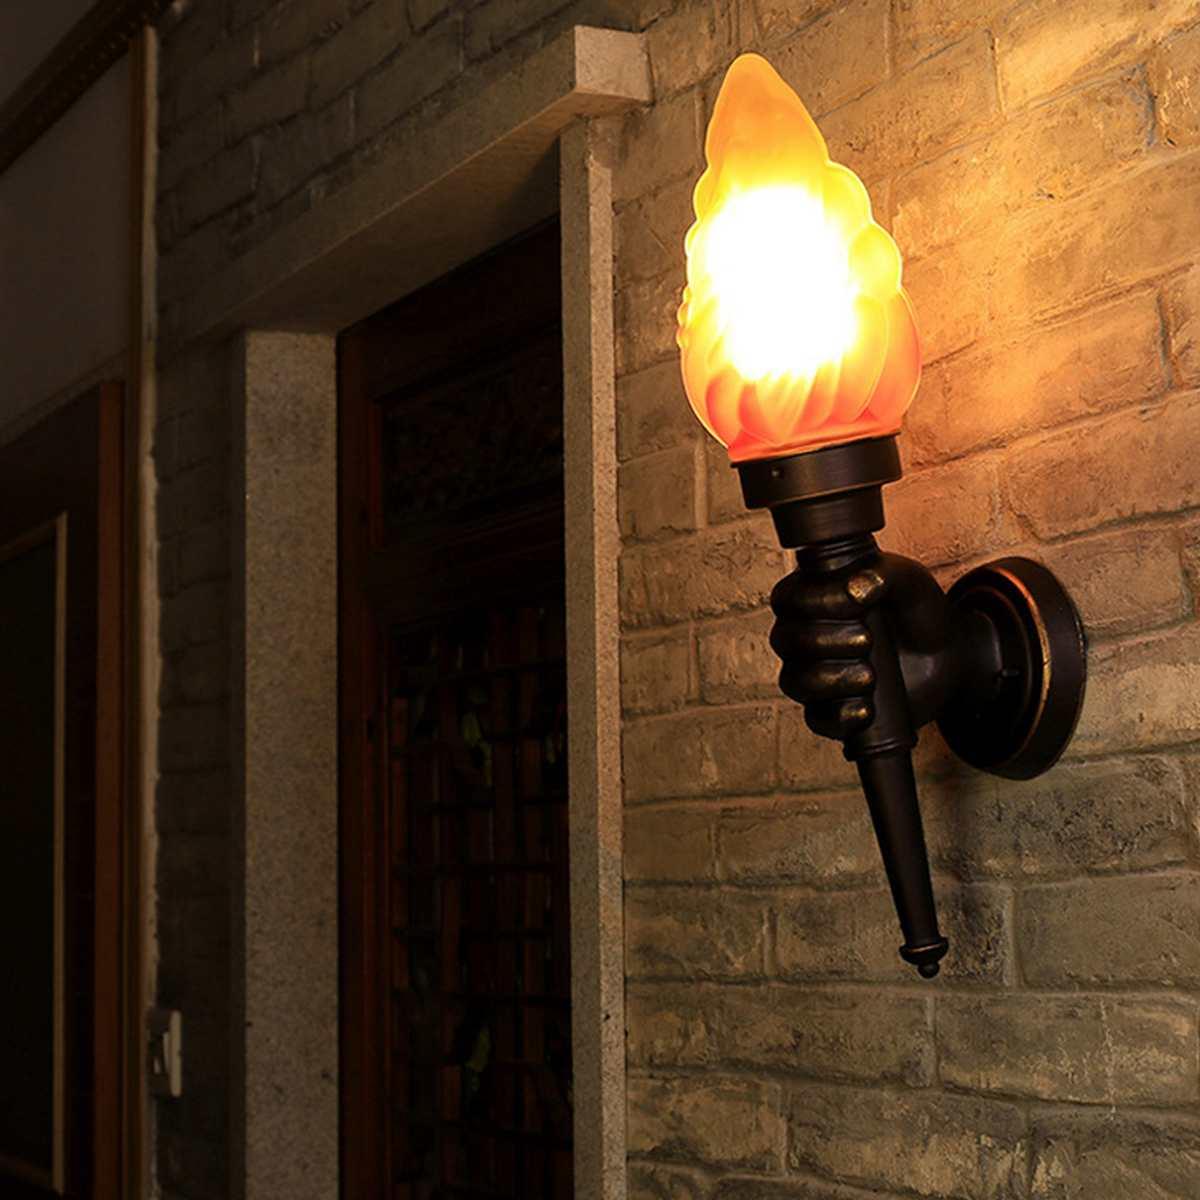 Lampe à main rétro torche Creatives mur LED lumière pour éclairage intérieur extérieur pour balcon chambre Loft luminaire